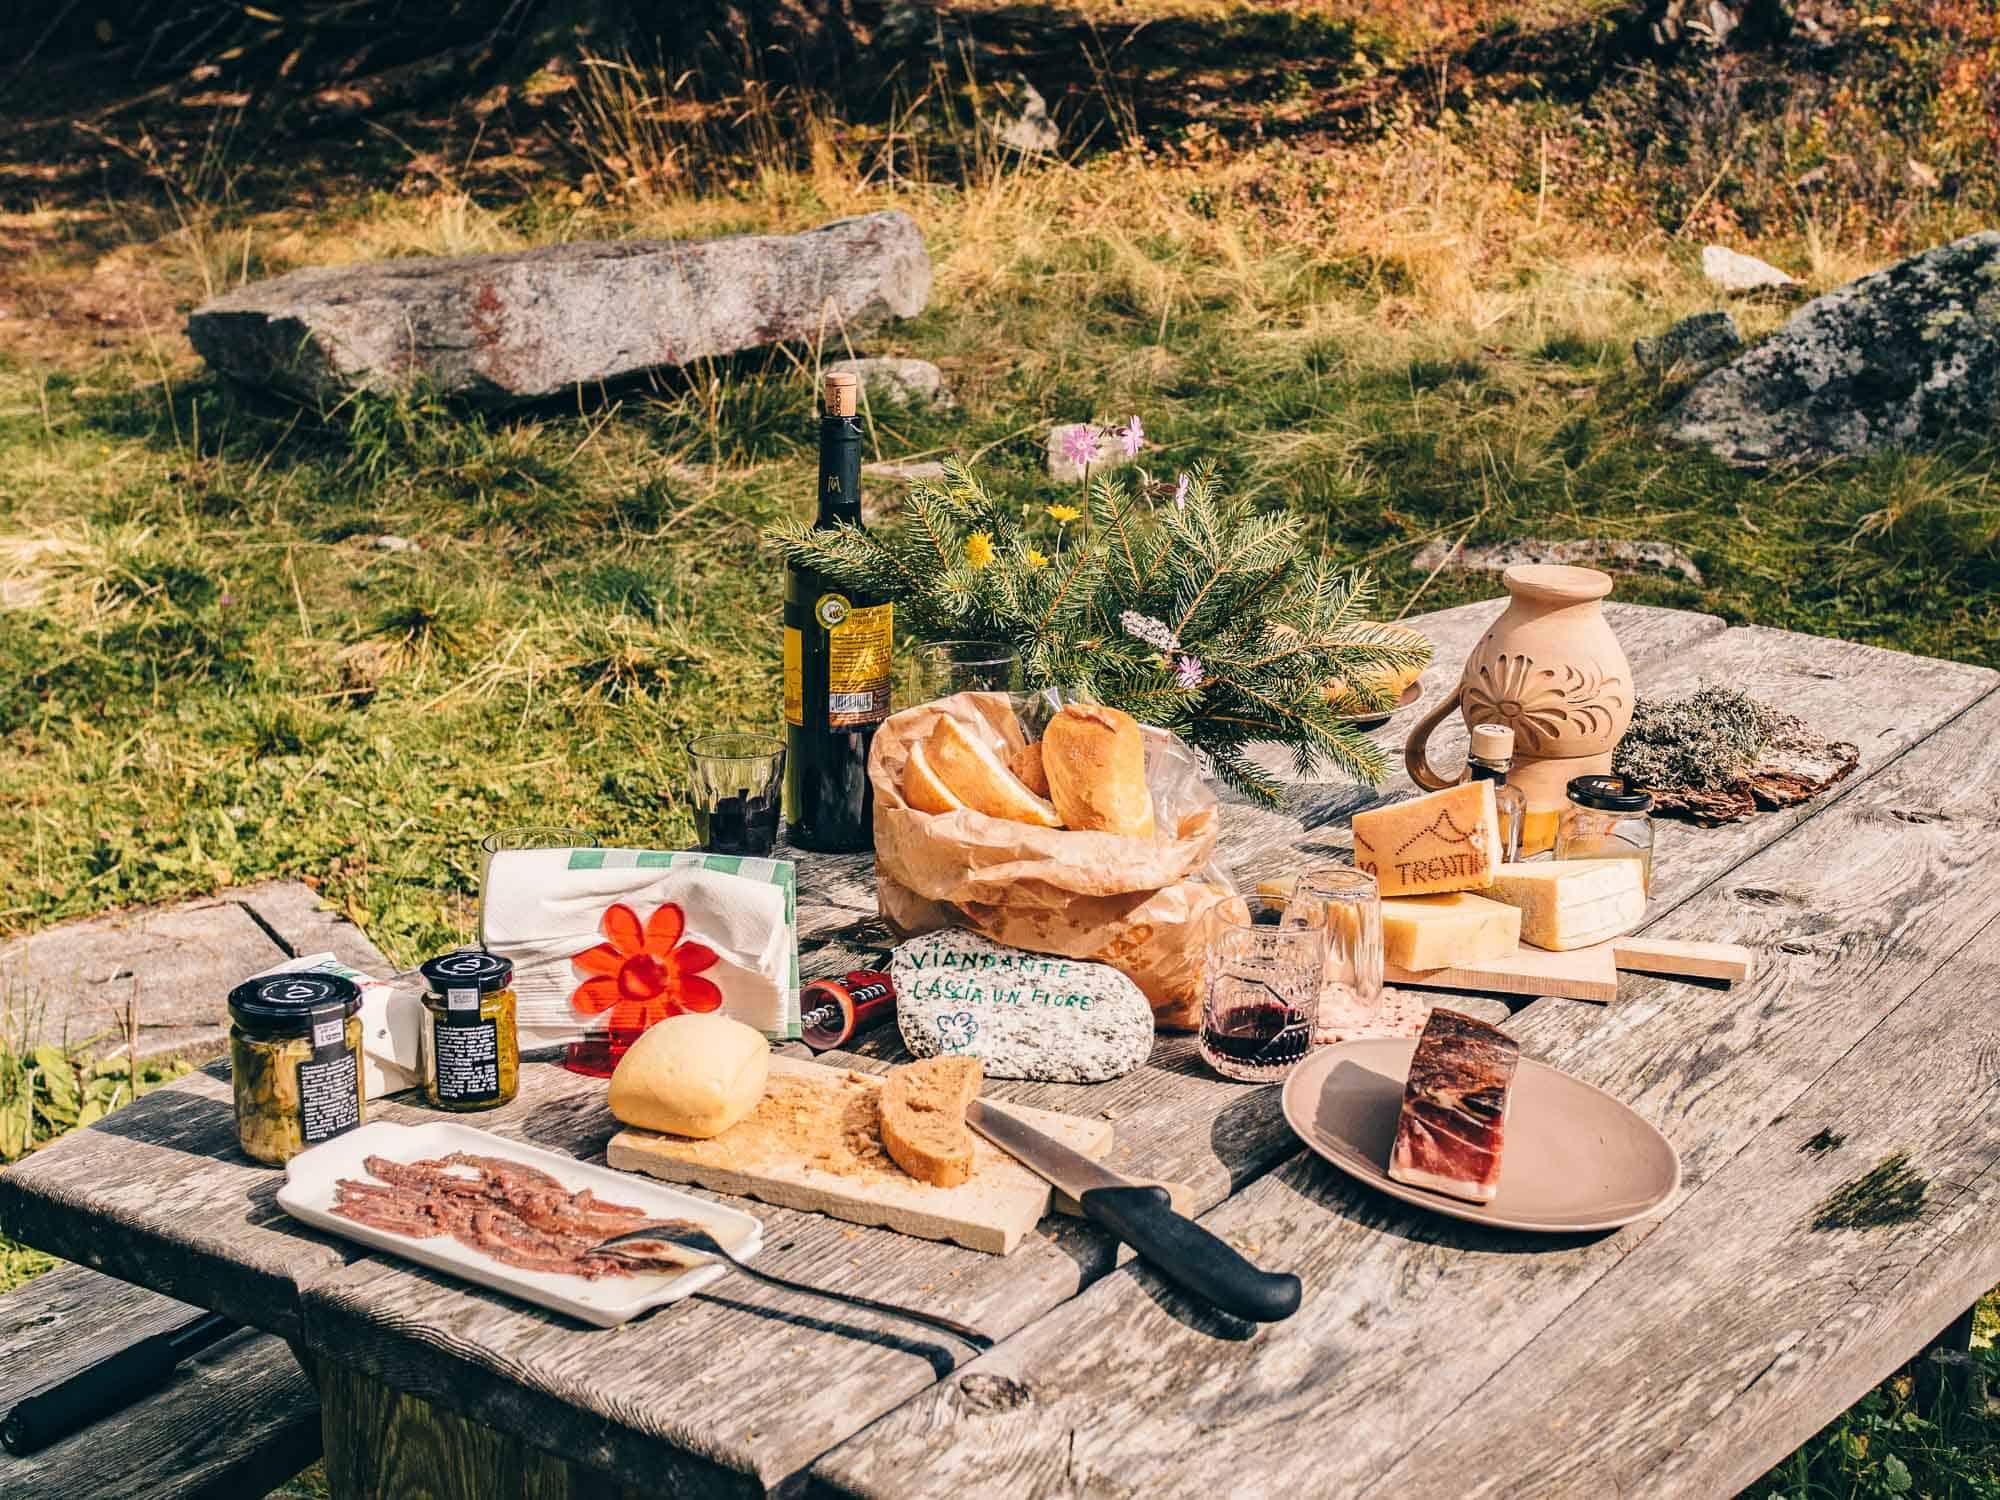 lago nambino picnic